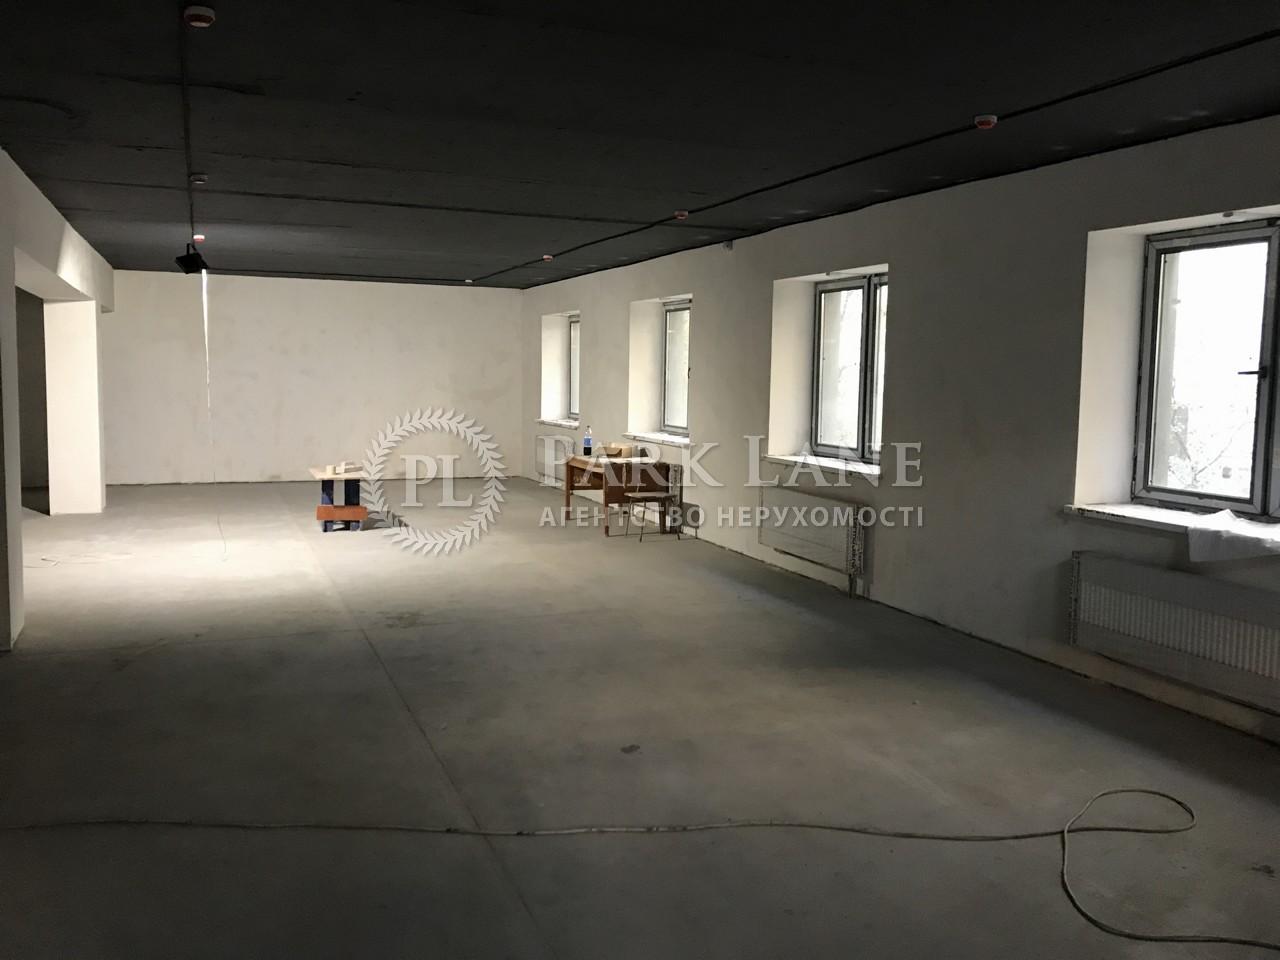 Нежилое помещение, ул. Вербицкого Архитектора, Киев, J-29841 - Фото 6